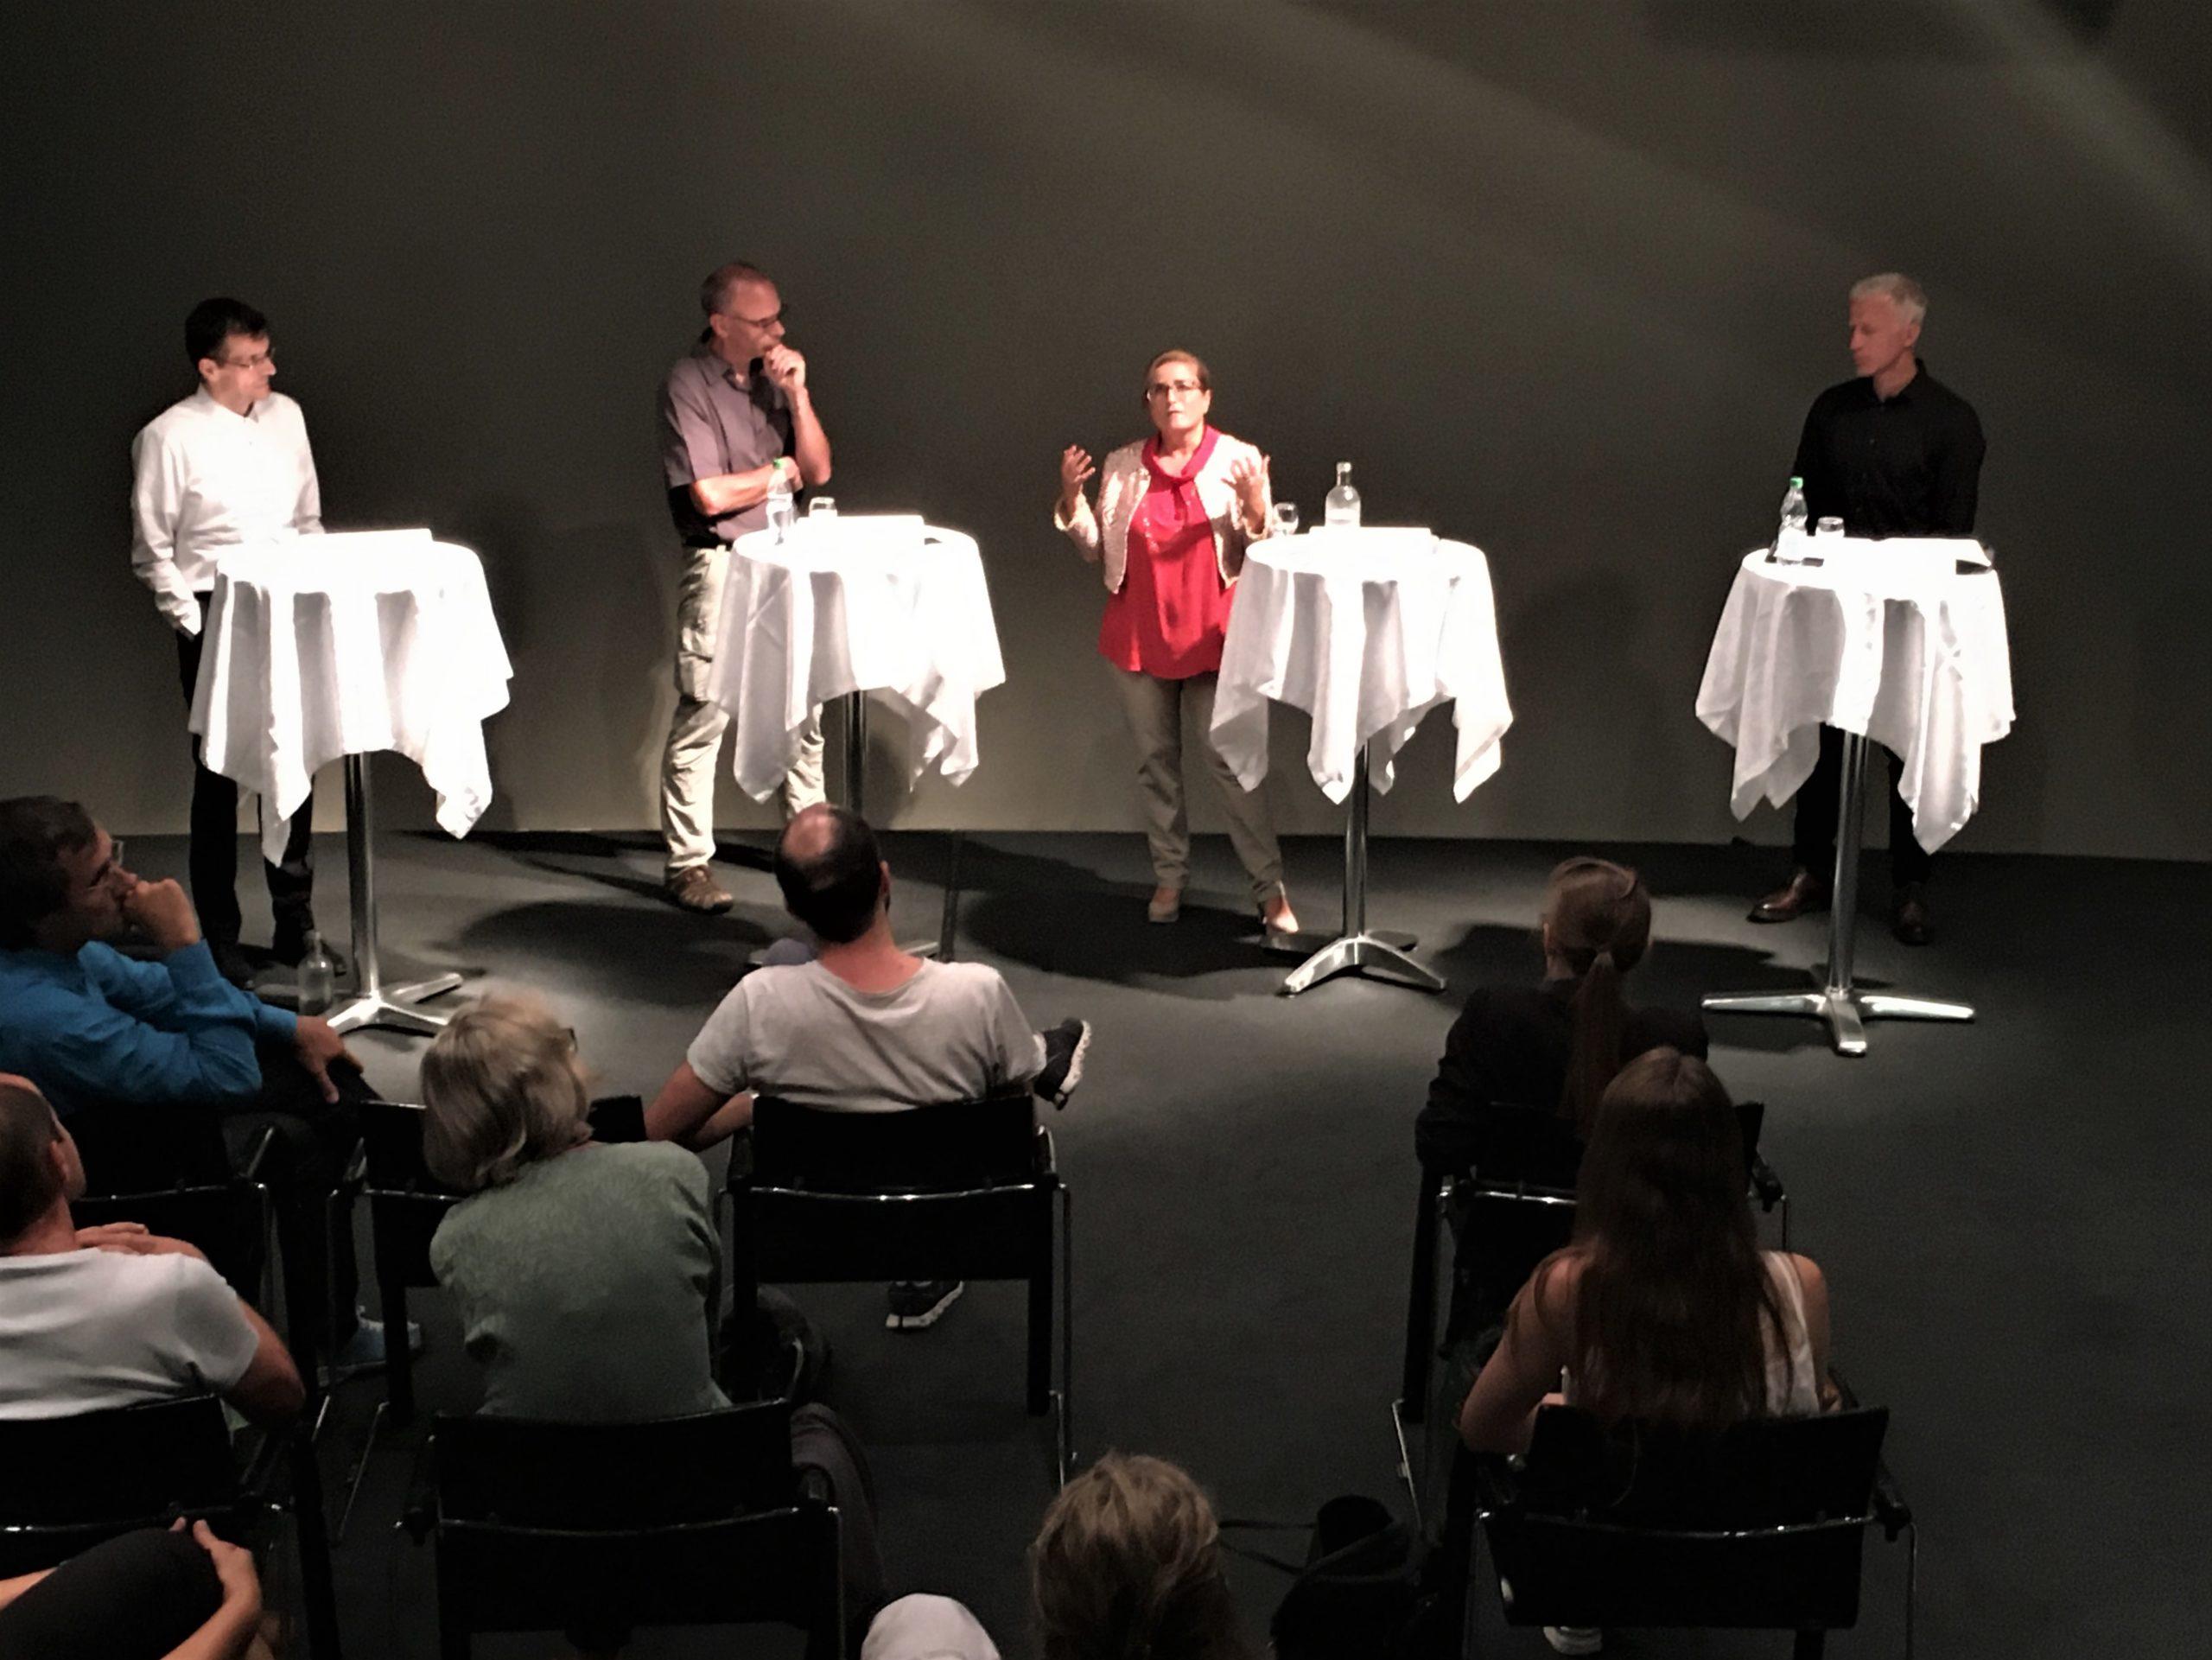 von links nach rechts: Markus Buschor, Robert Furrer (Moderator), Maria Pappa, Mathias Gabathuler